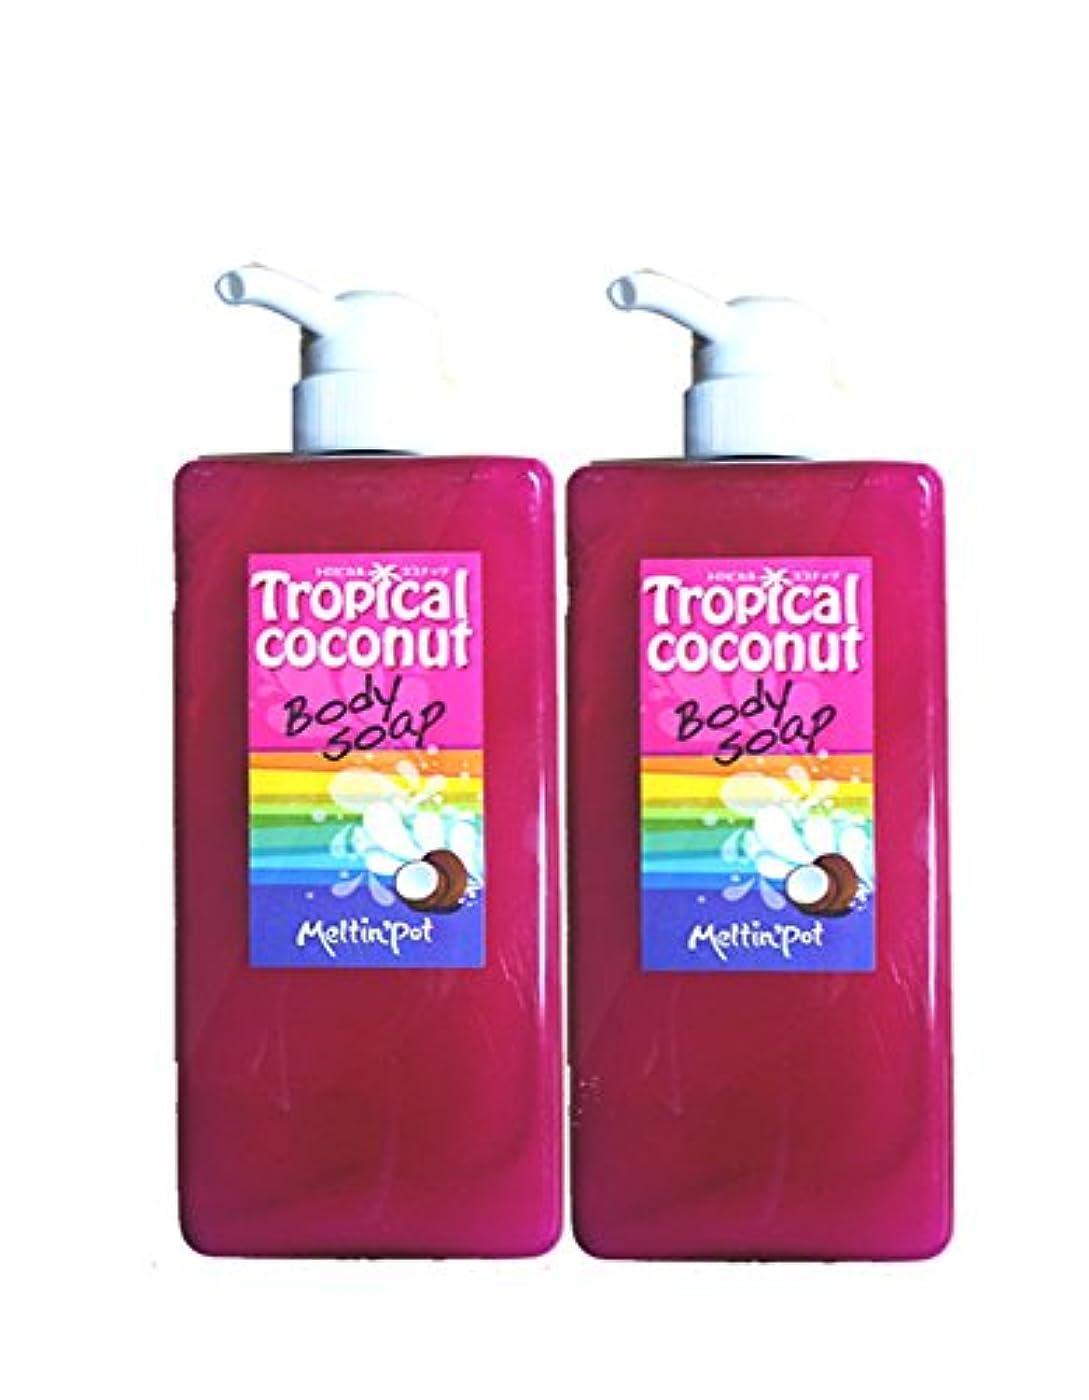 礼儀契約した回転するトロピカルココナッツ ボディソープ 600ml*2セット Tropical coconut Body Soap 加齢臭に!